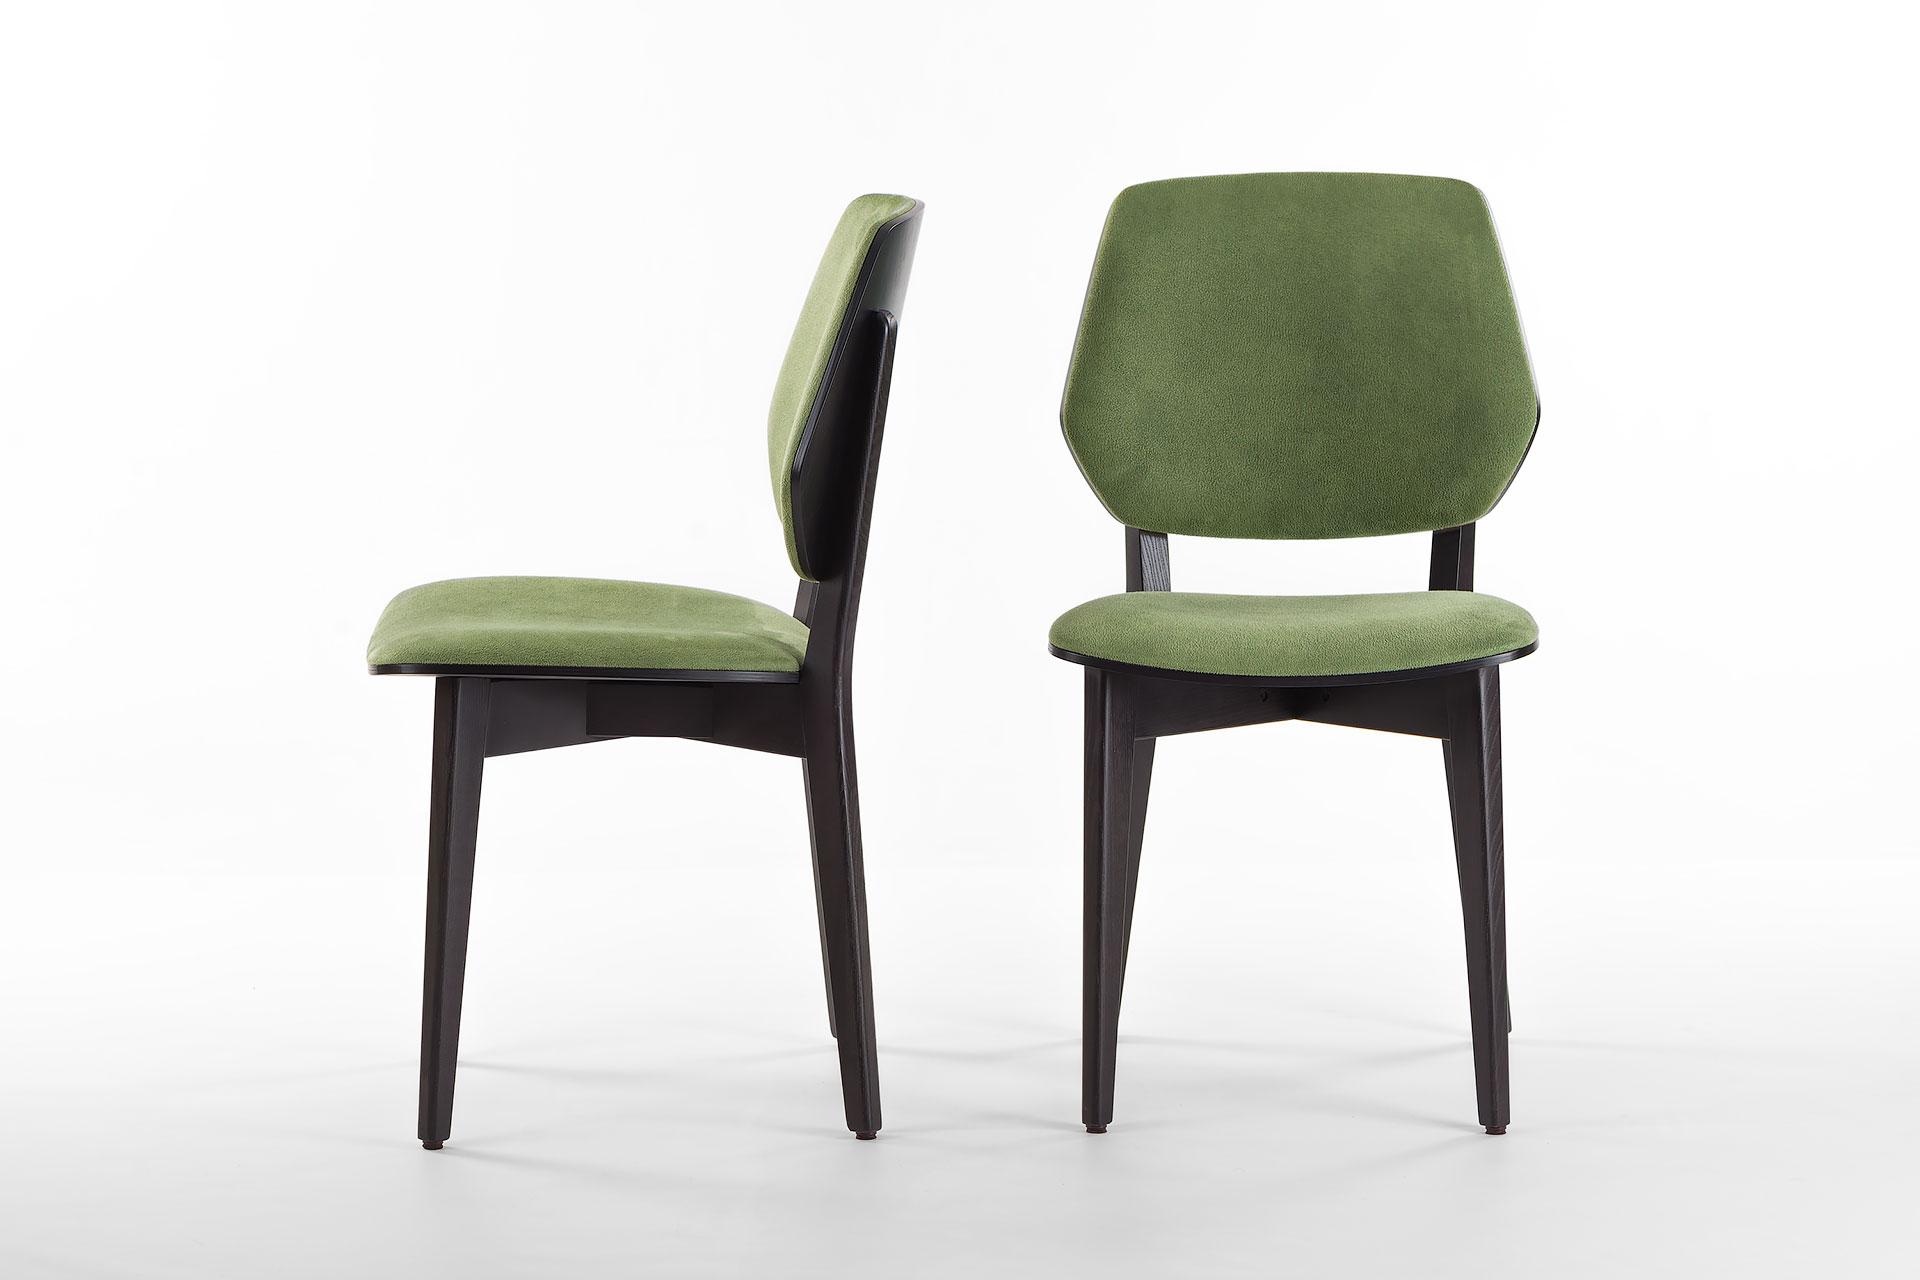 Кухонний стілець 03В чорно-зелений, м'які сидіння та спинка з штучної замші Exim Mustang Light Green, тверде дерево, колір виробу SE7059 (з переду та з боку )